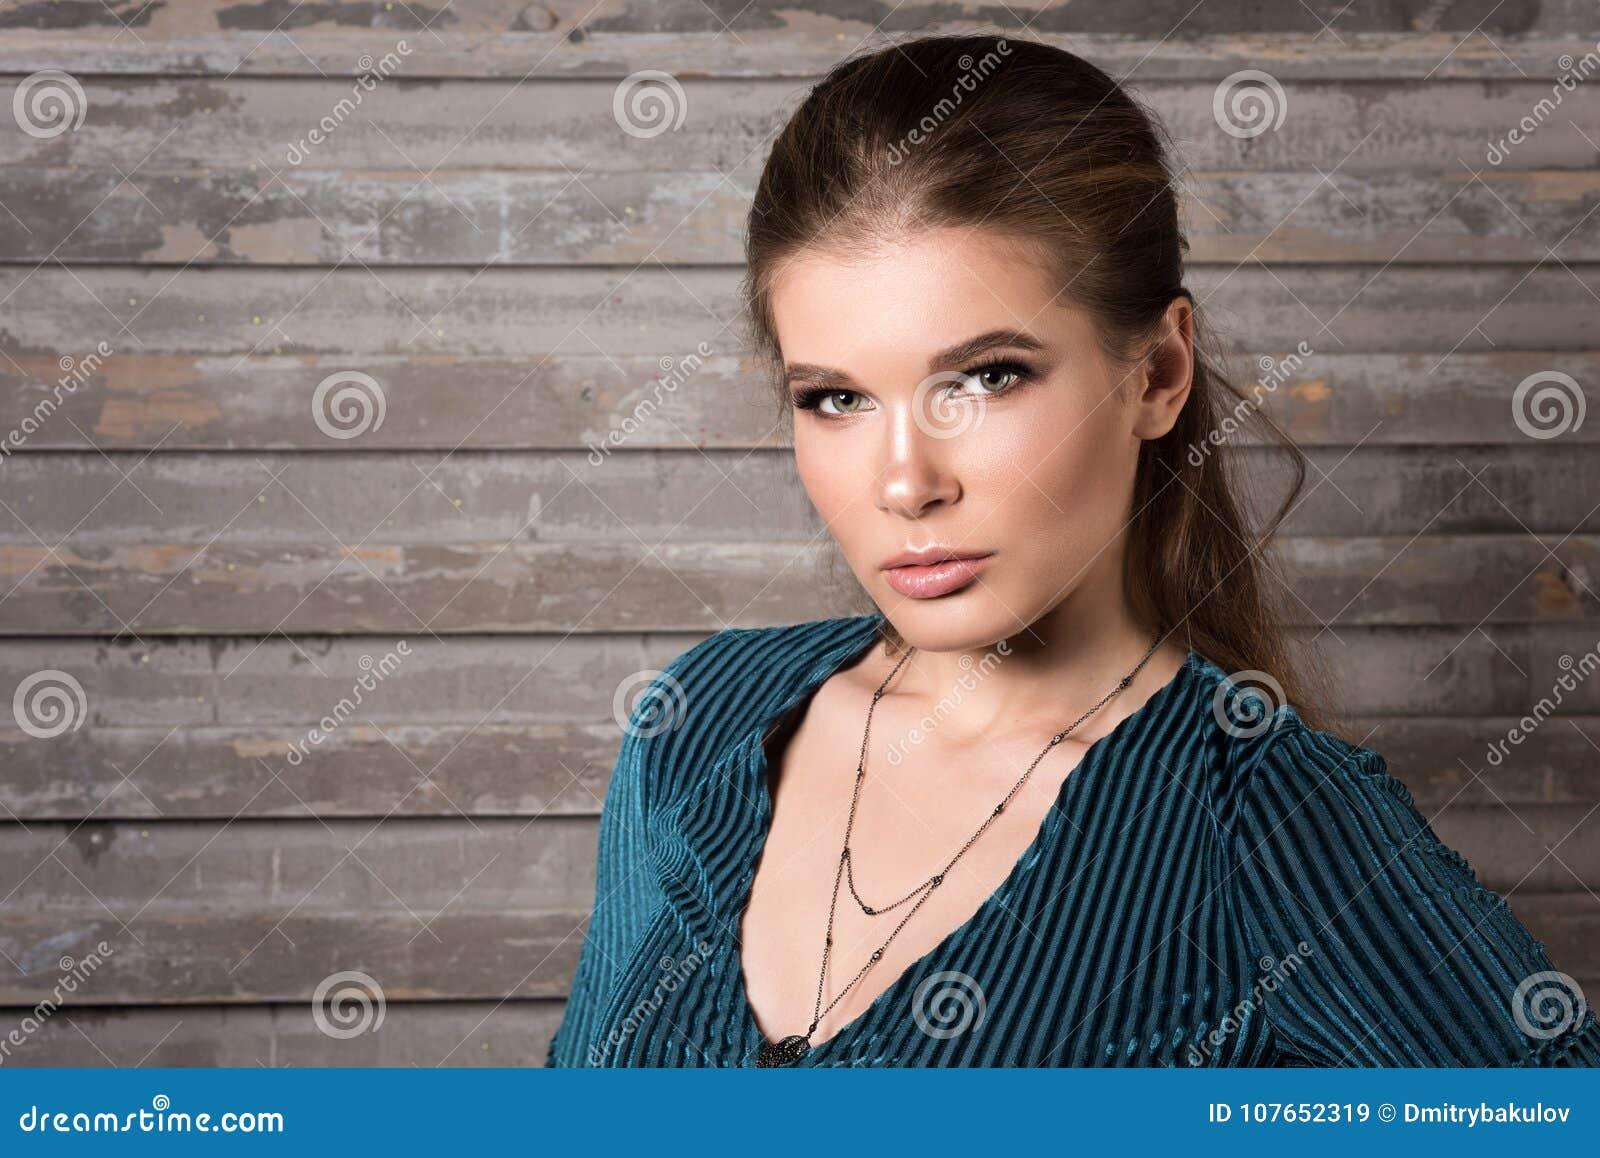 Womens double dildo briefs